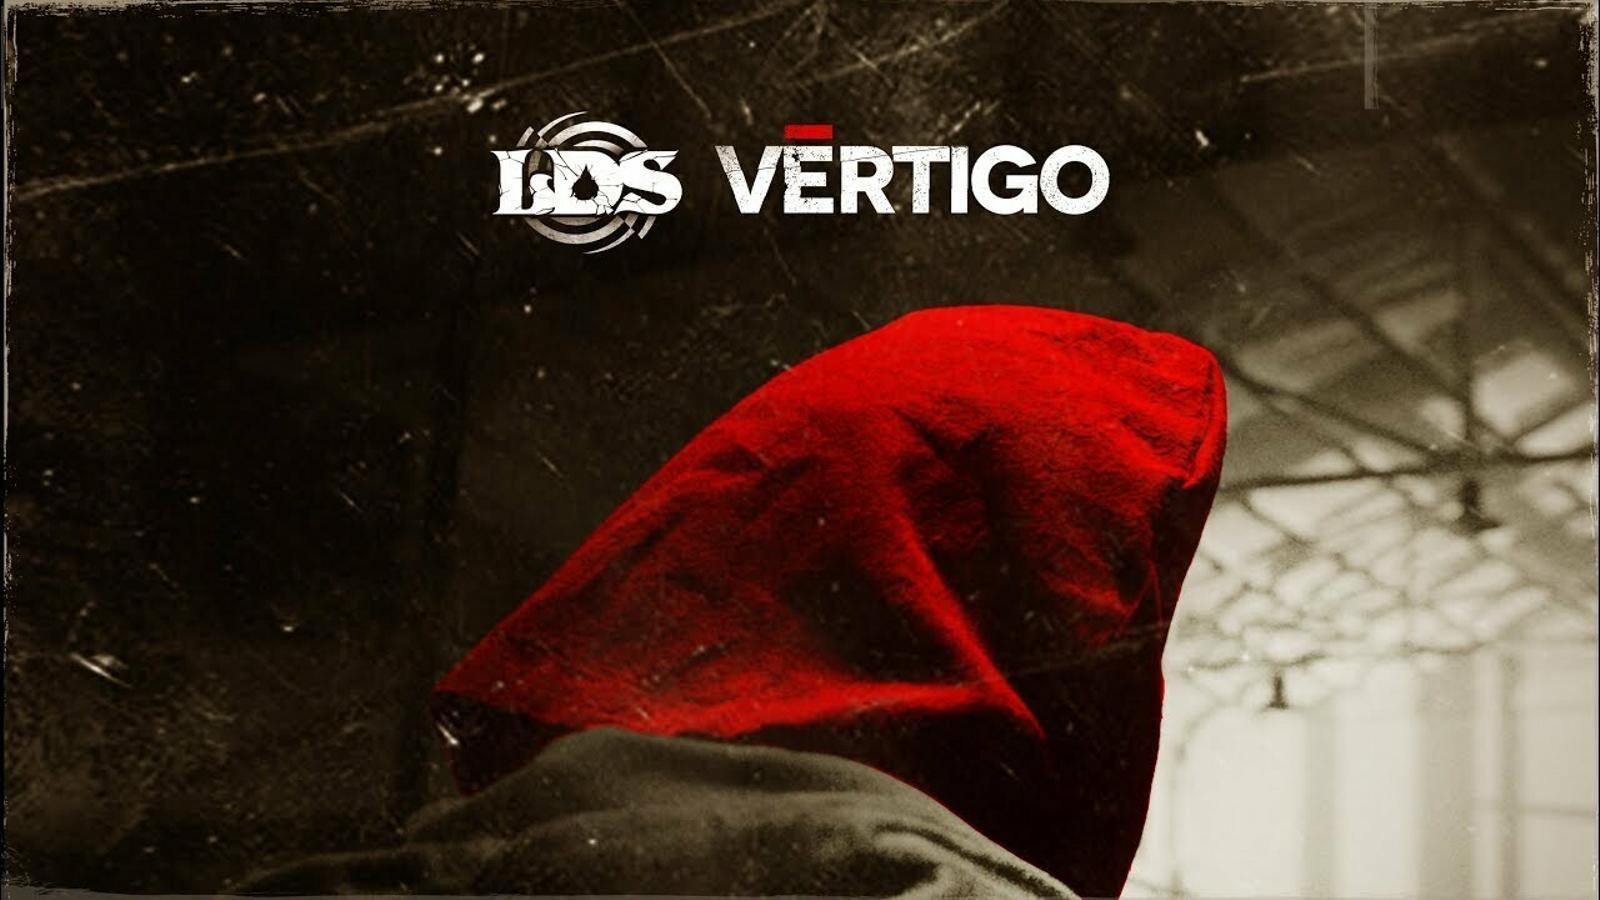 Videoclip de 'Vértigo', de Lágrimas de Sangre